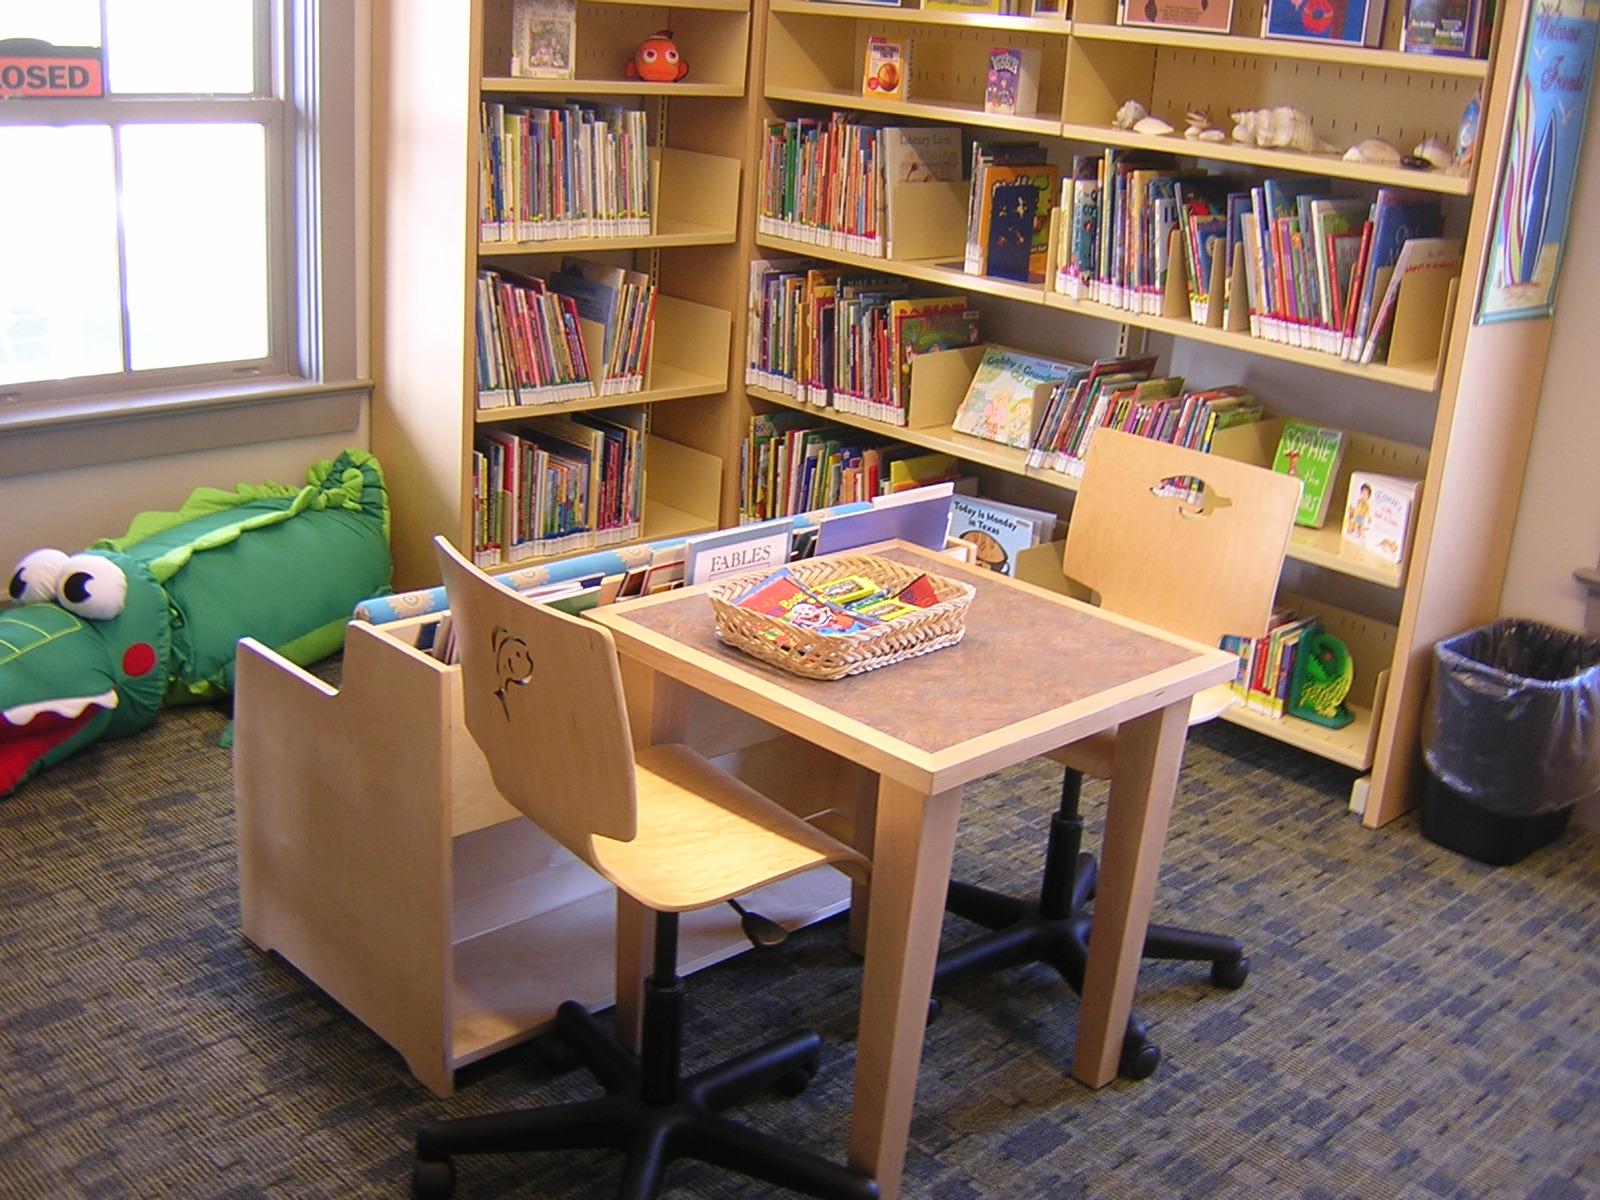 Cameron Parish Library, Johnson Bayou Branch - Cameron, LA